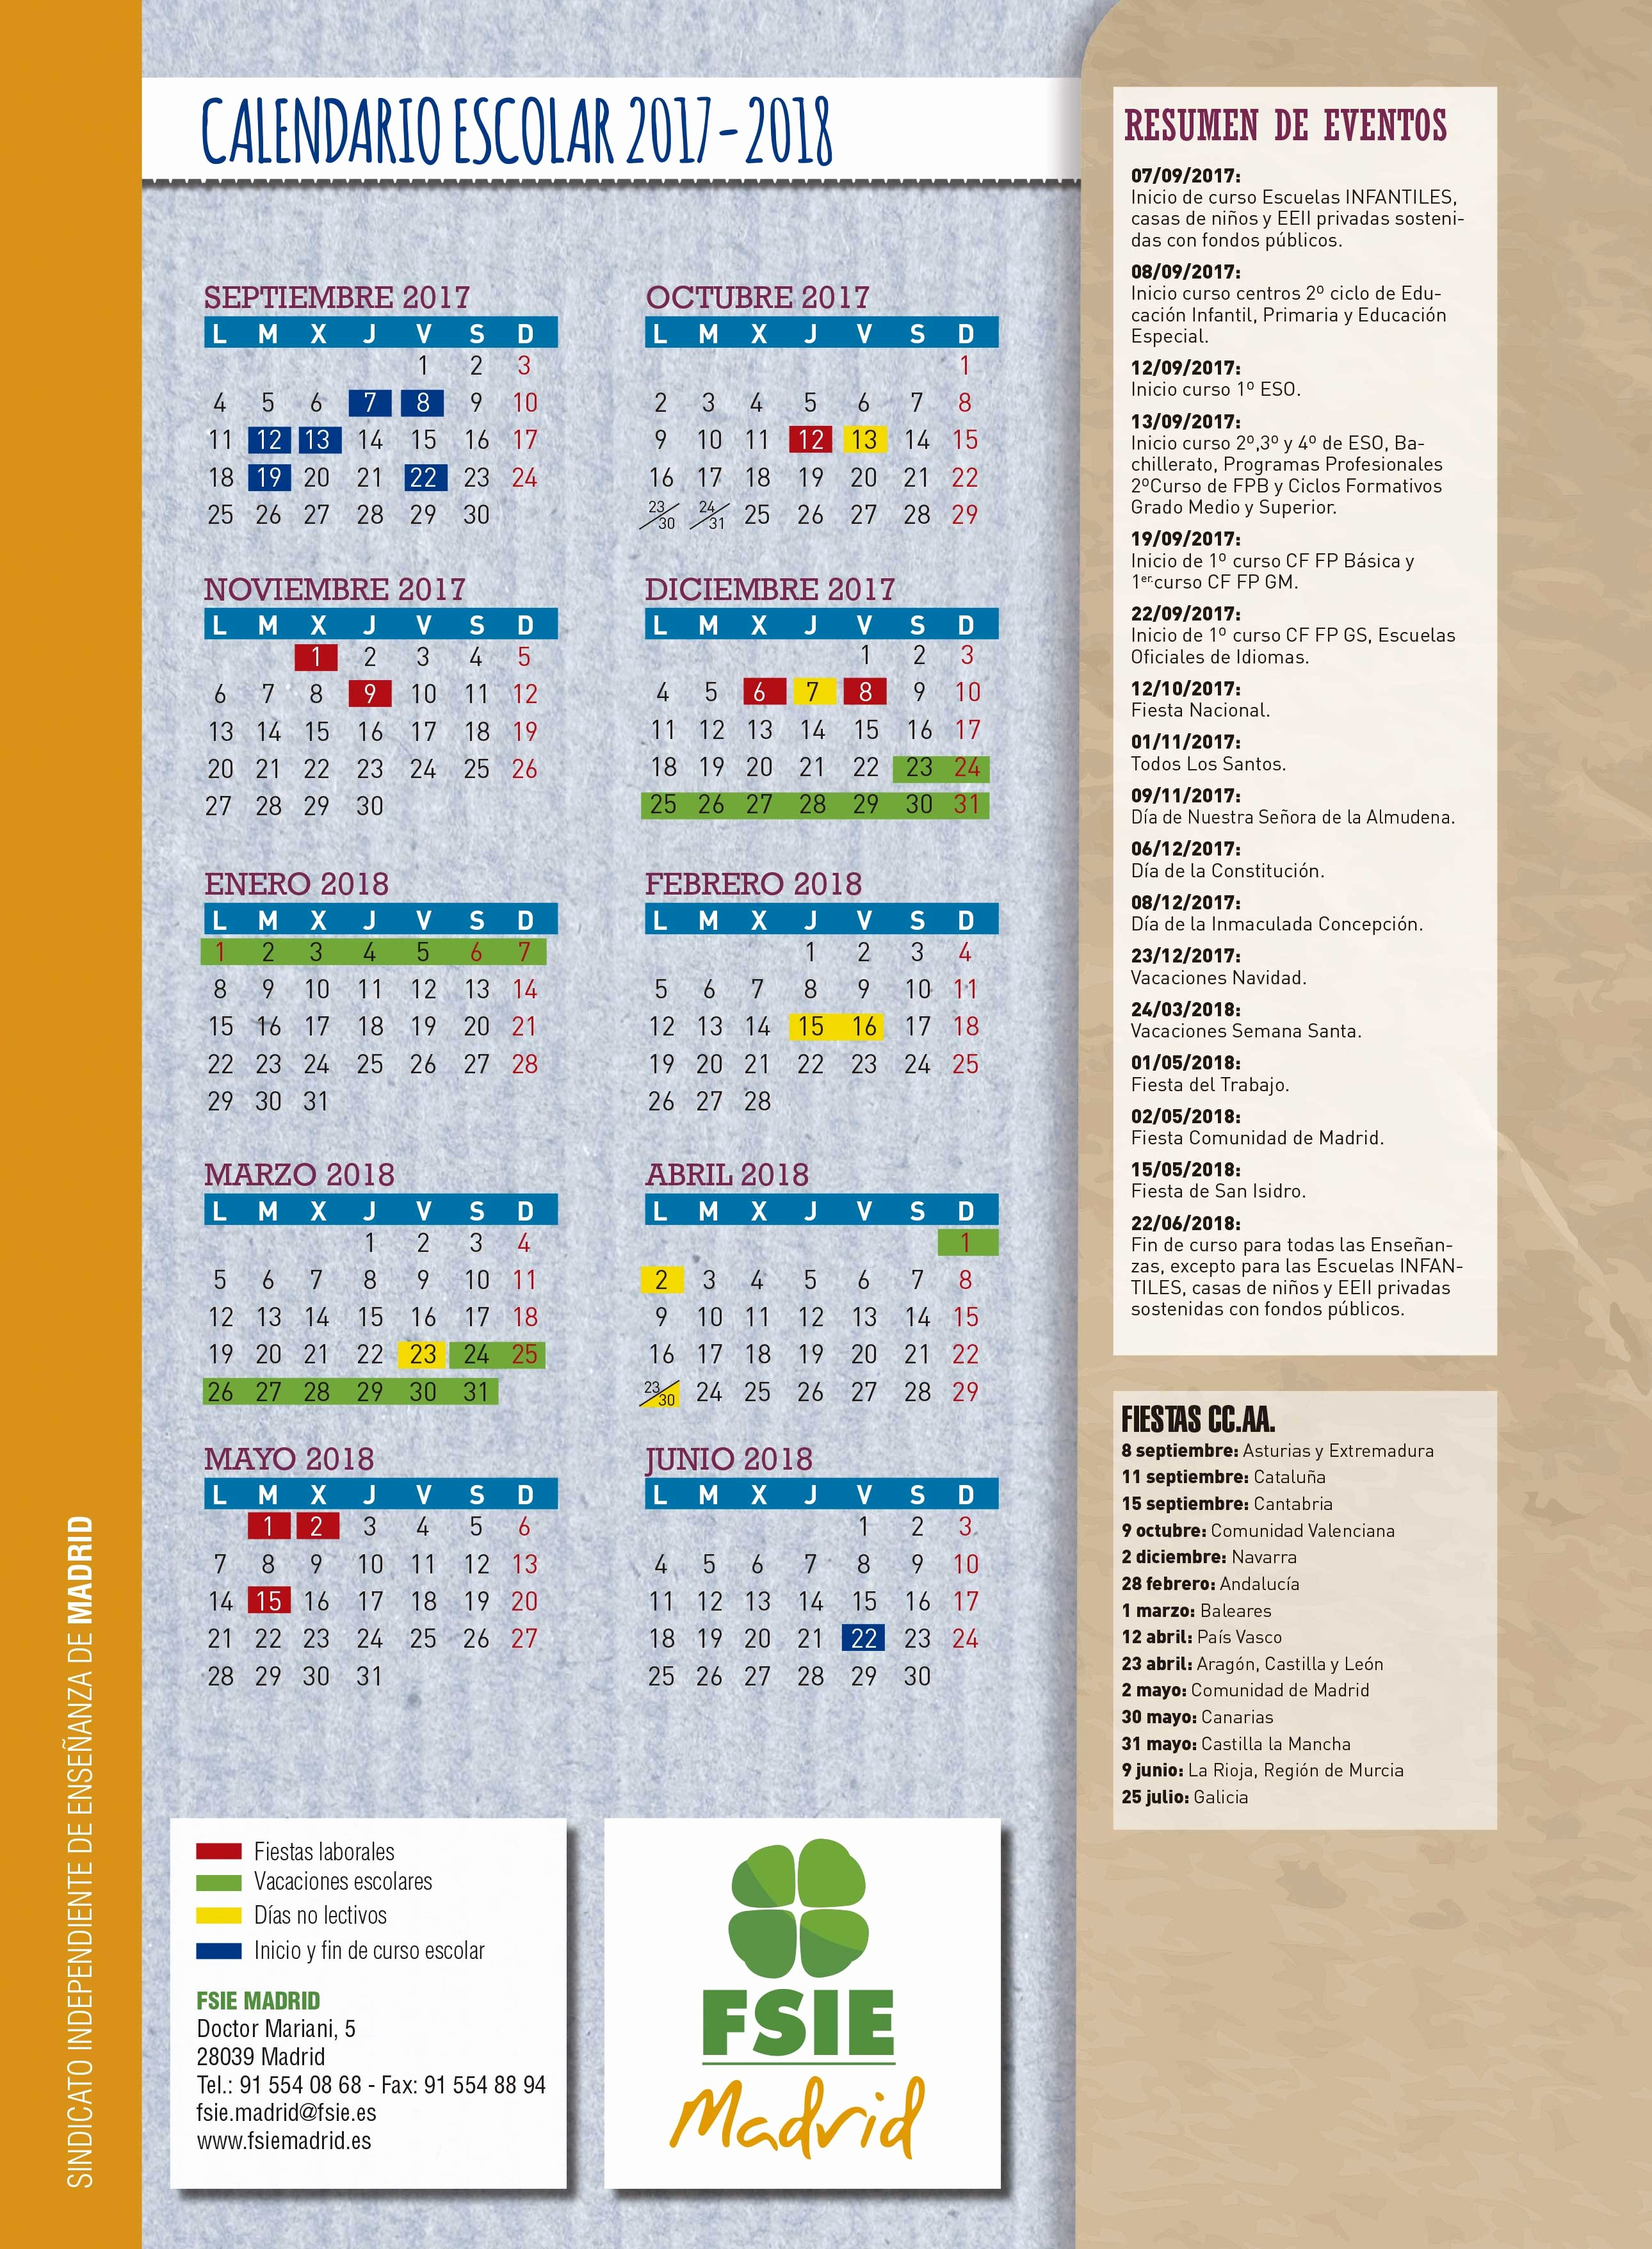 Calendario 2019 Con Festivos Usa Más Caliente Elegante 31 Ilustraci³n Calendario Bundesliga 15 16 2019 Of Calendario 2019 Con Festivos Usa Más Populares Impresionante 35 Dise±o Calendario E2019